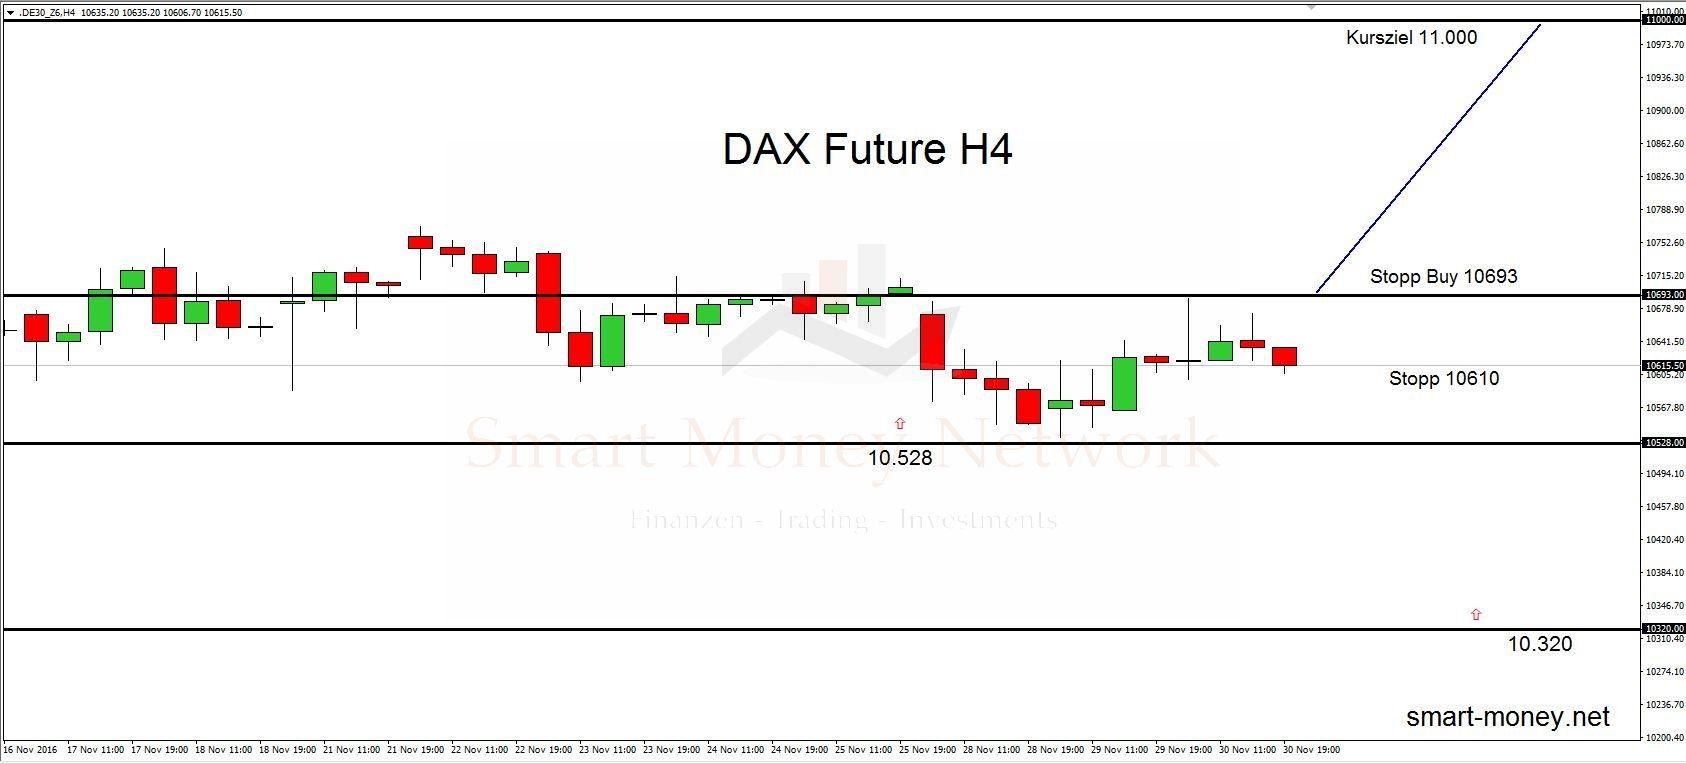 fdax_30-11-16